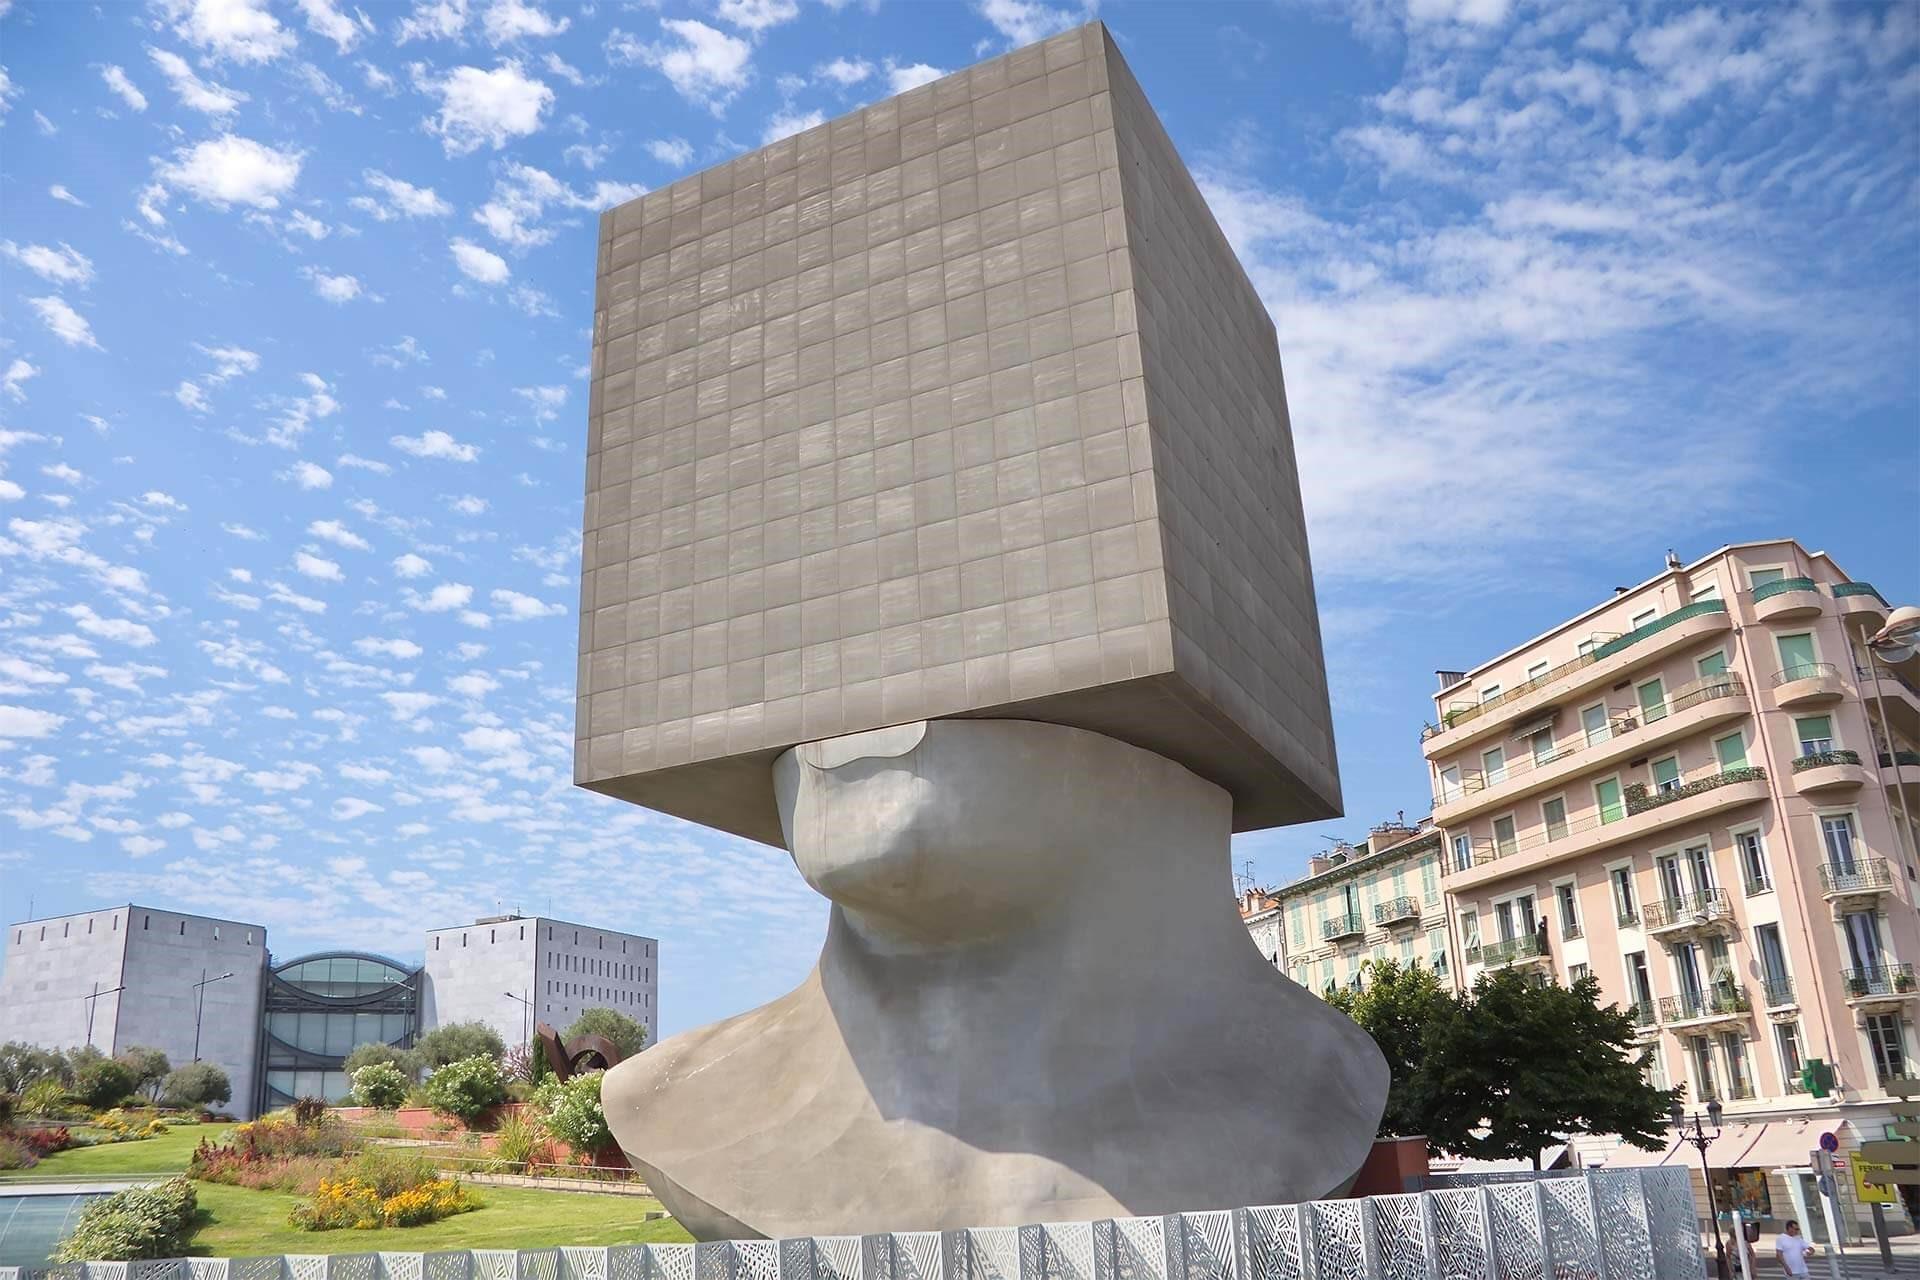 10 памятников мира, которые наполнены особым смыслом